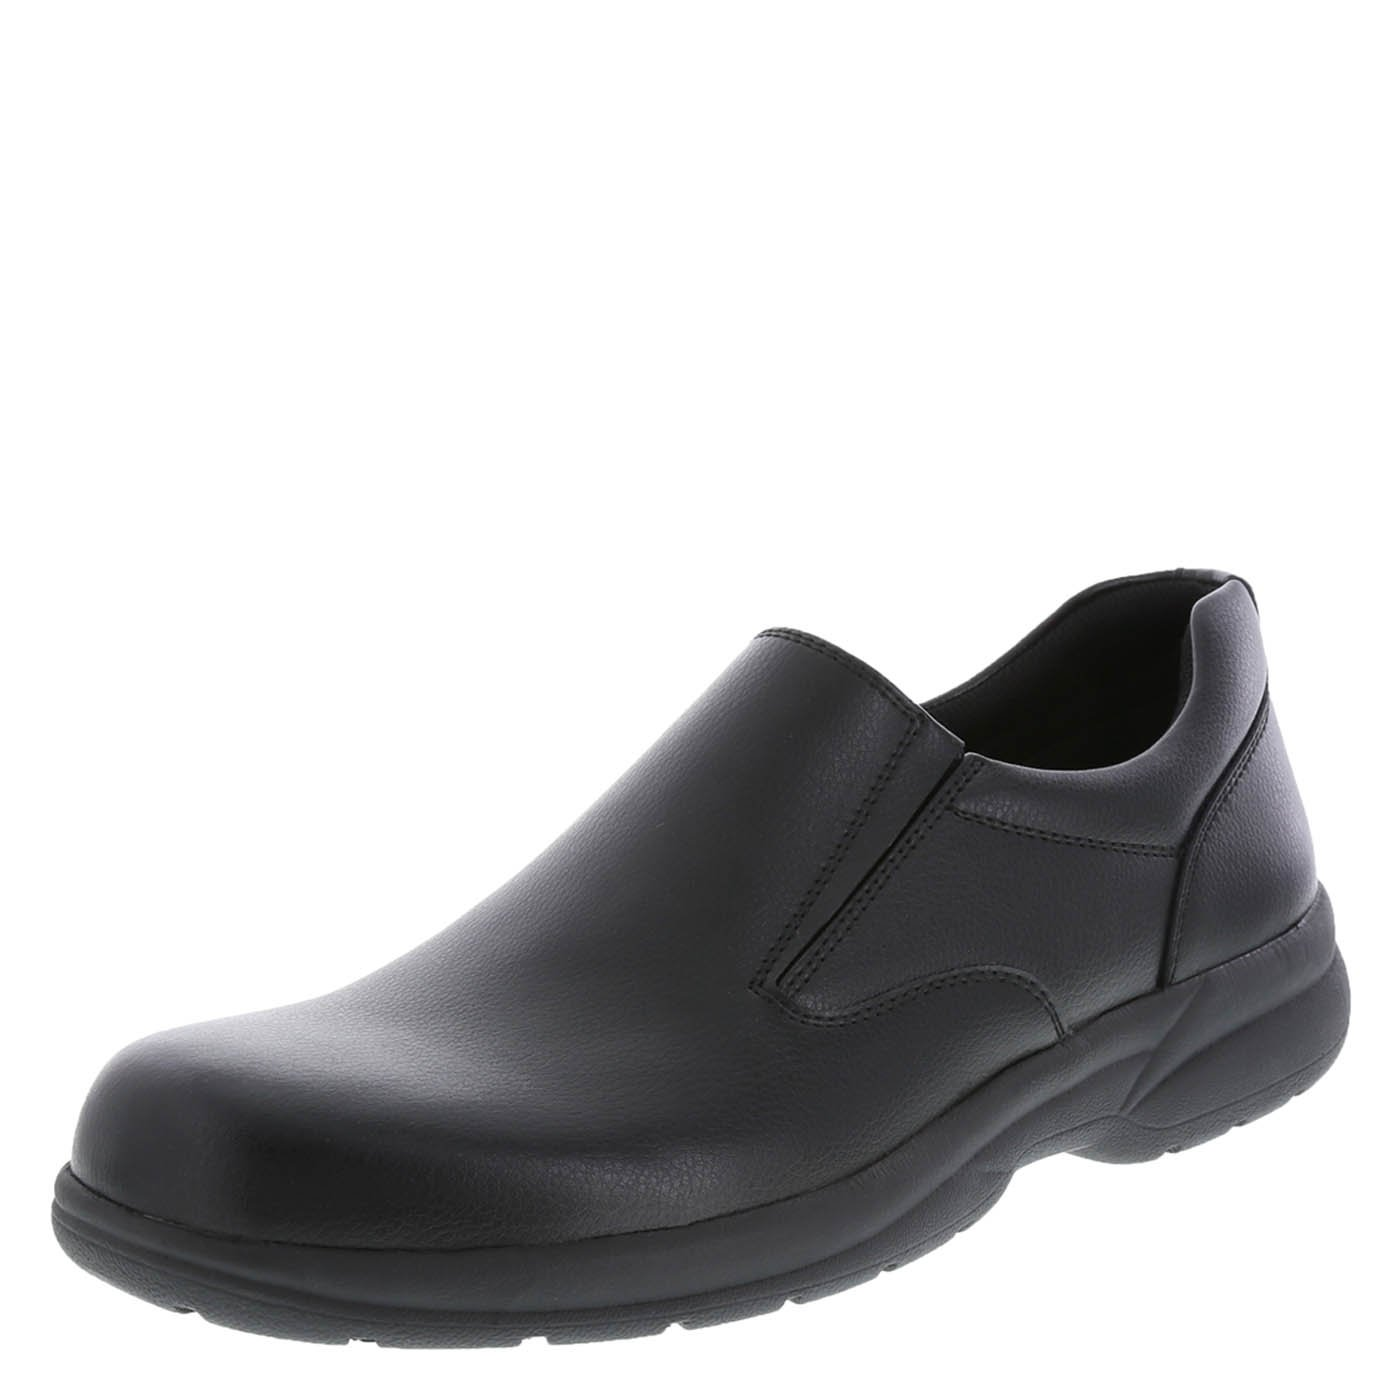 safeTstep Slip Resistant Men's Black Men's Al Slip-On 12 Regular by safeTstep